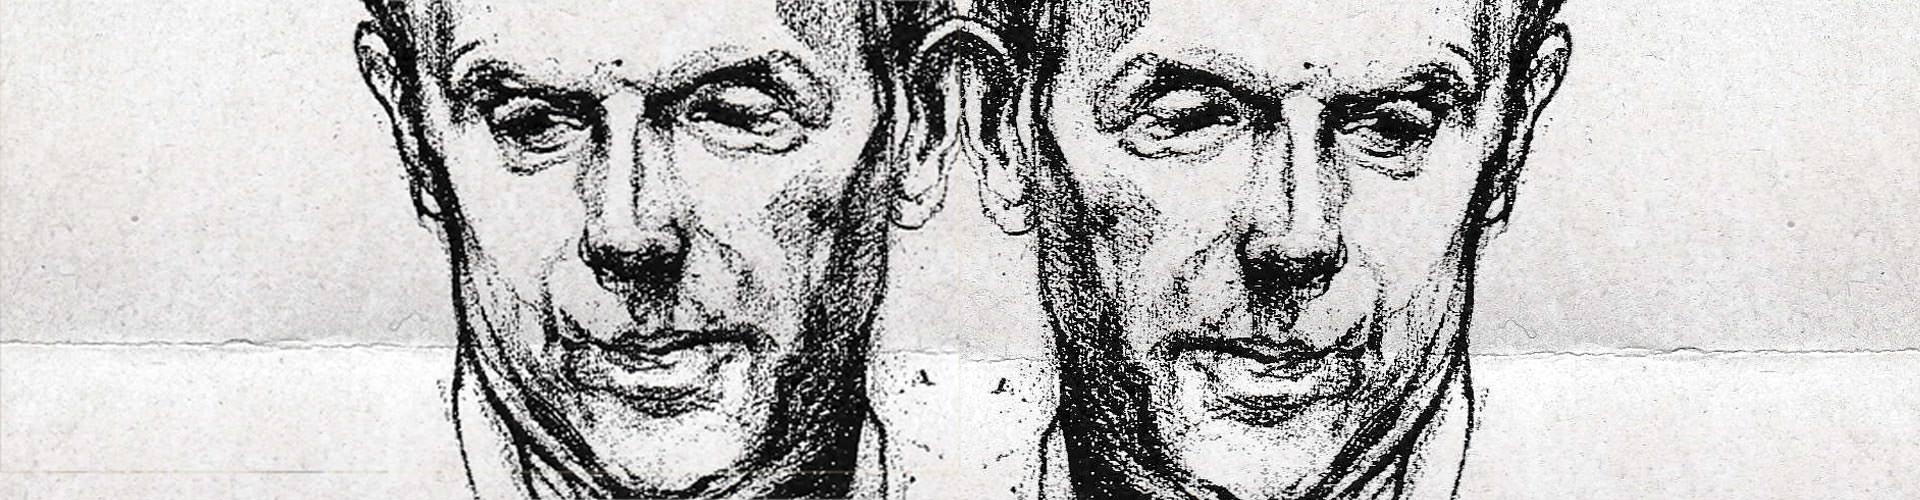 Jean Proal, dans le miroir des mots